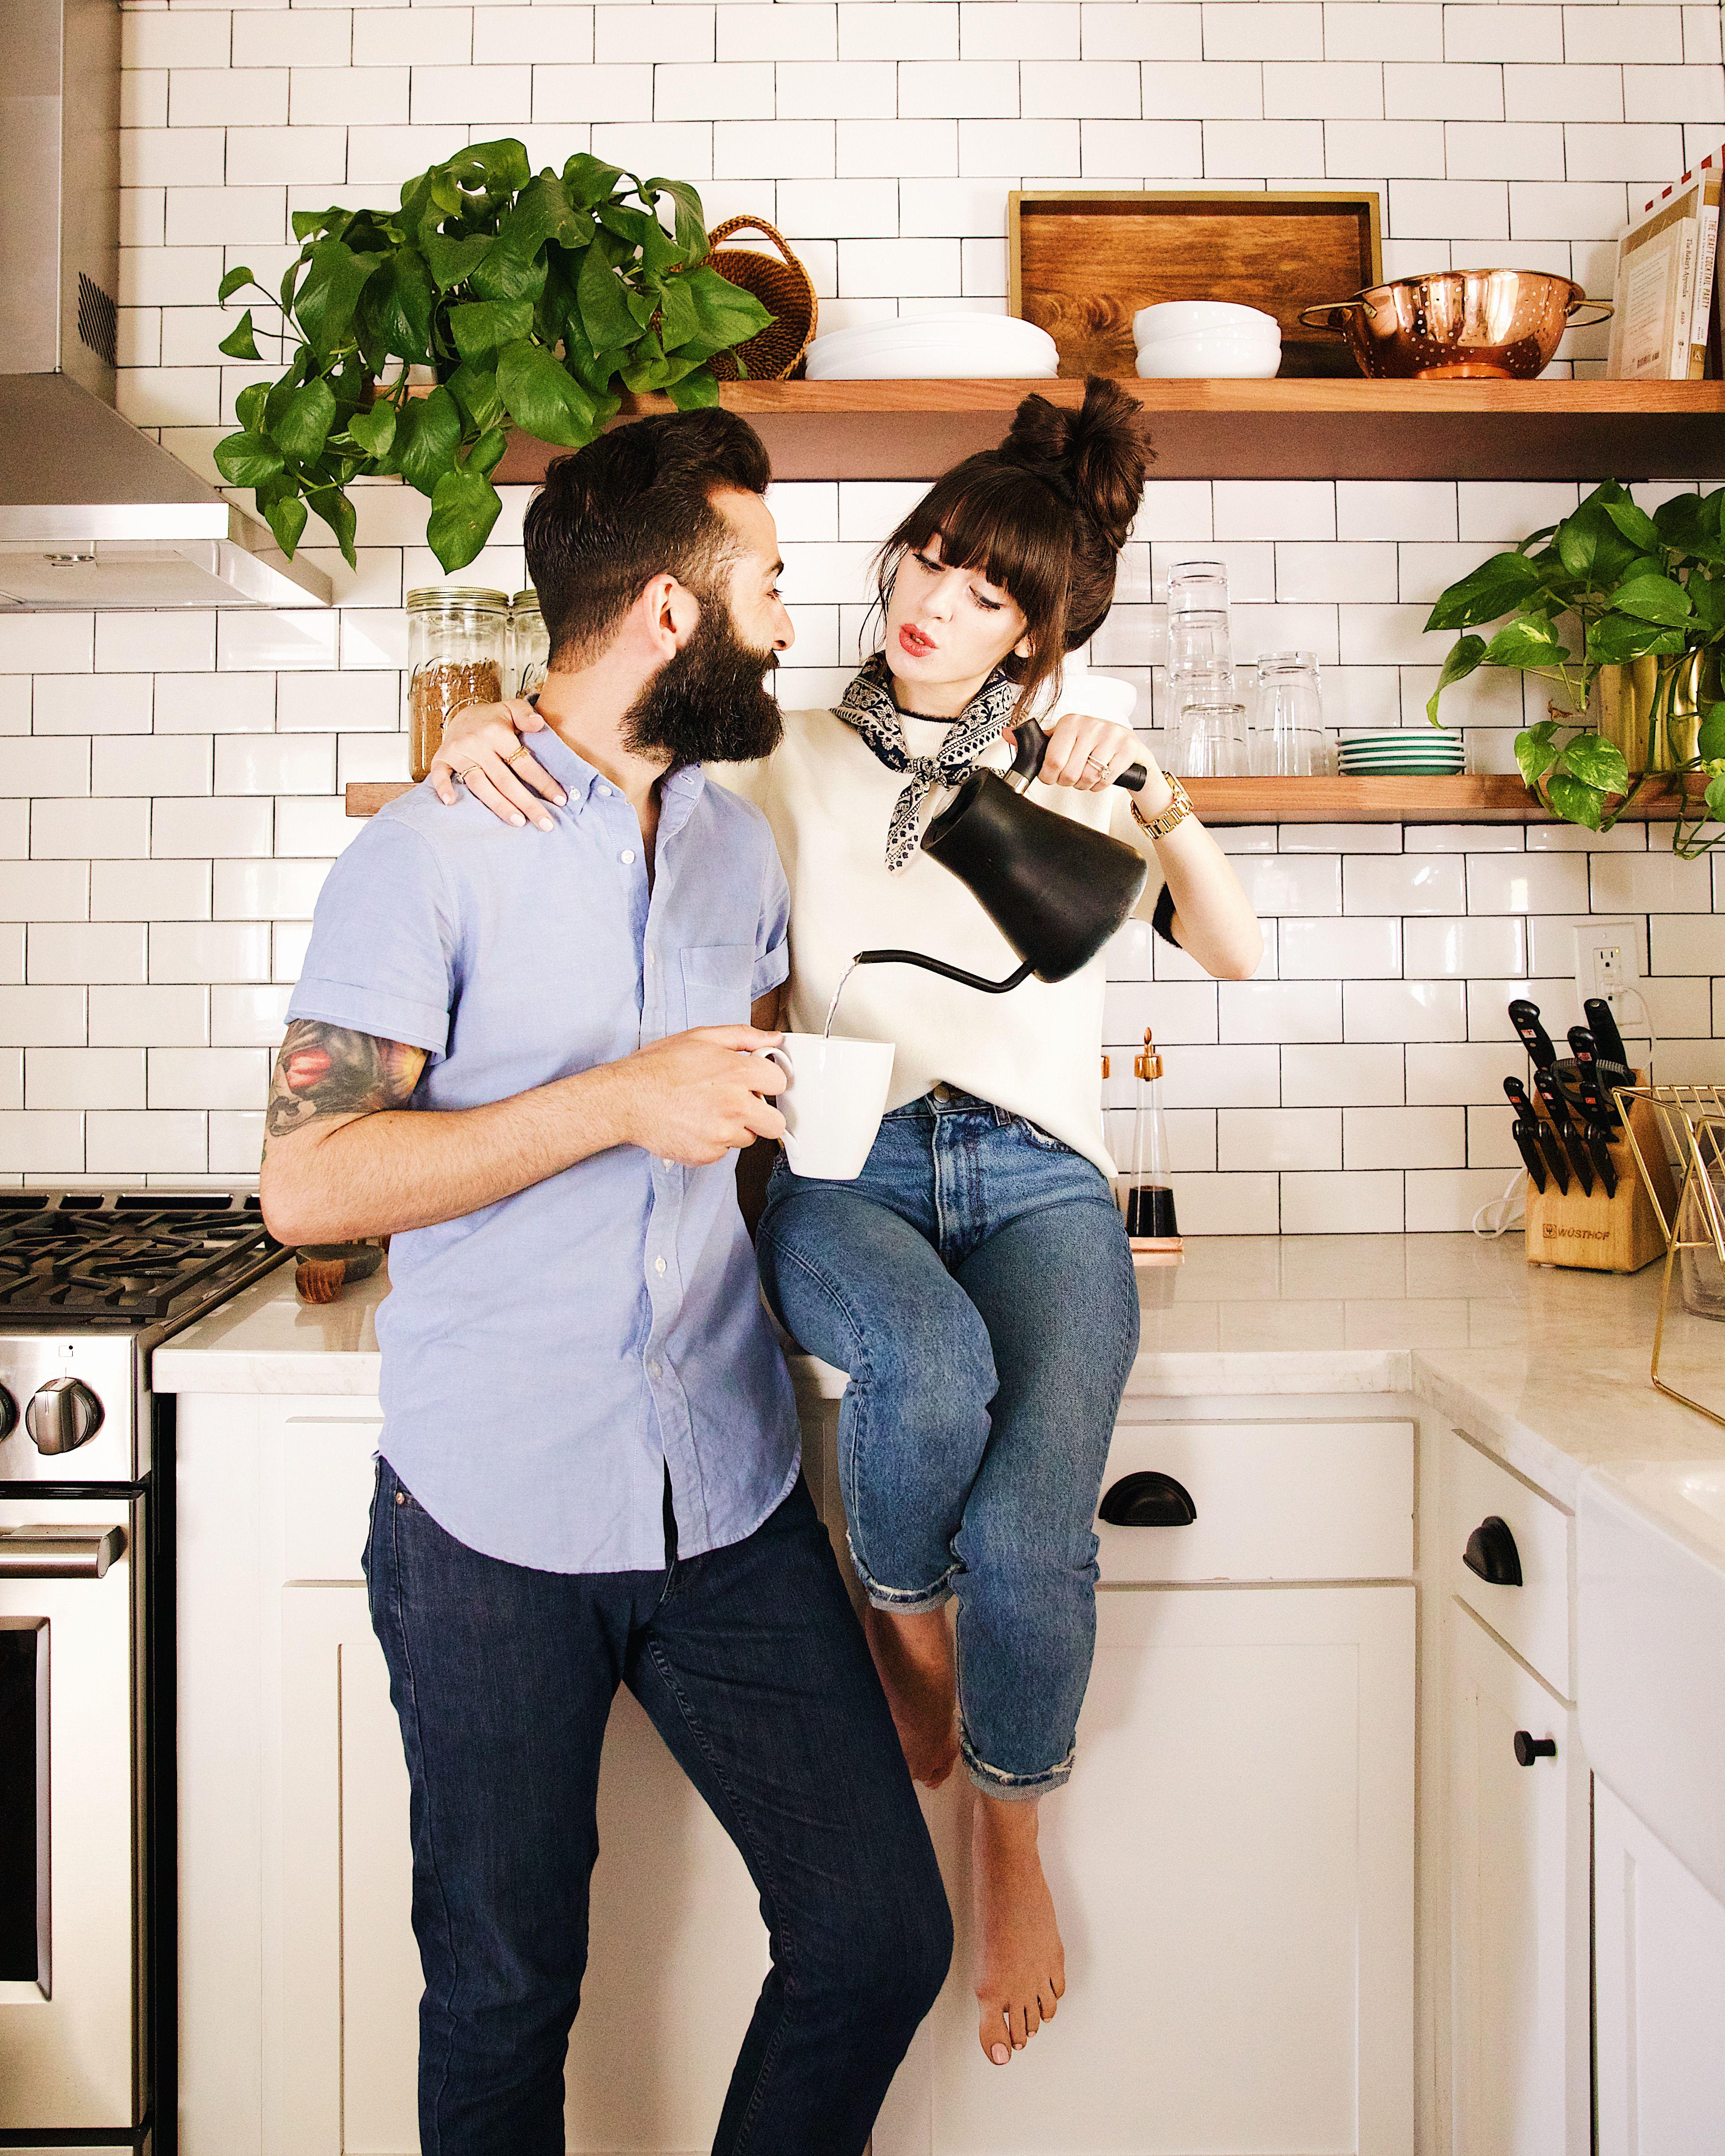 Идеи фотосессии для мужчин на кухне пришли цветами